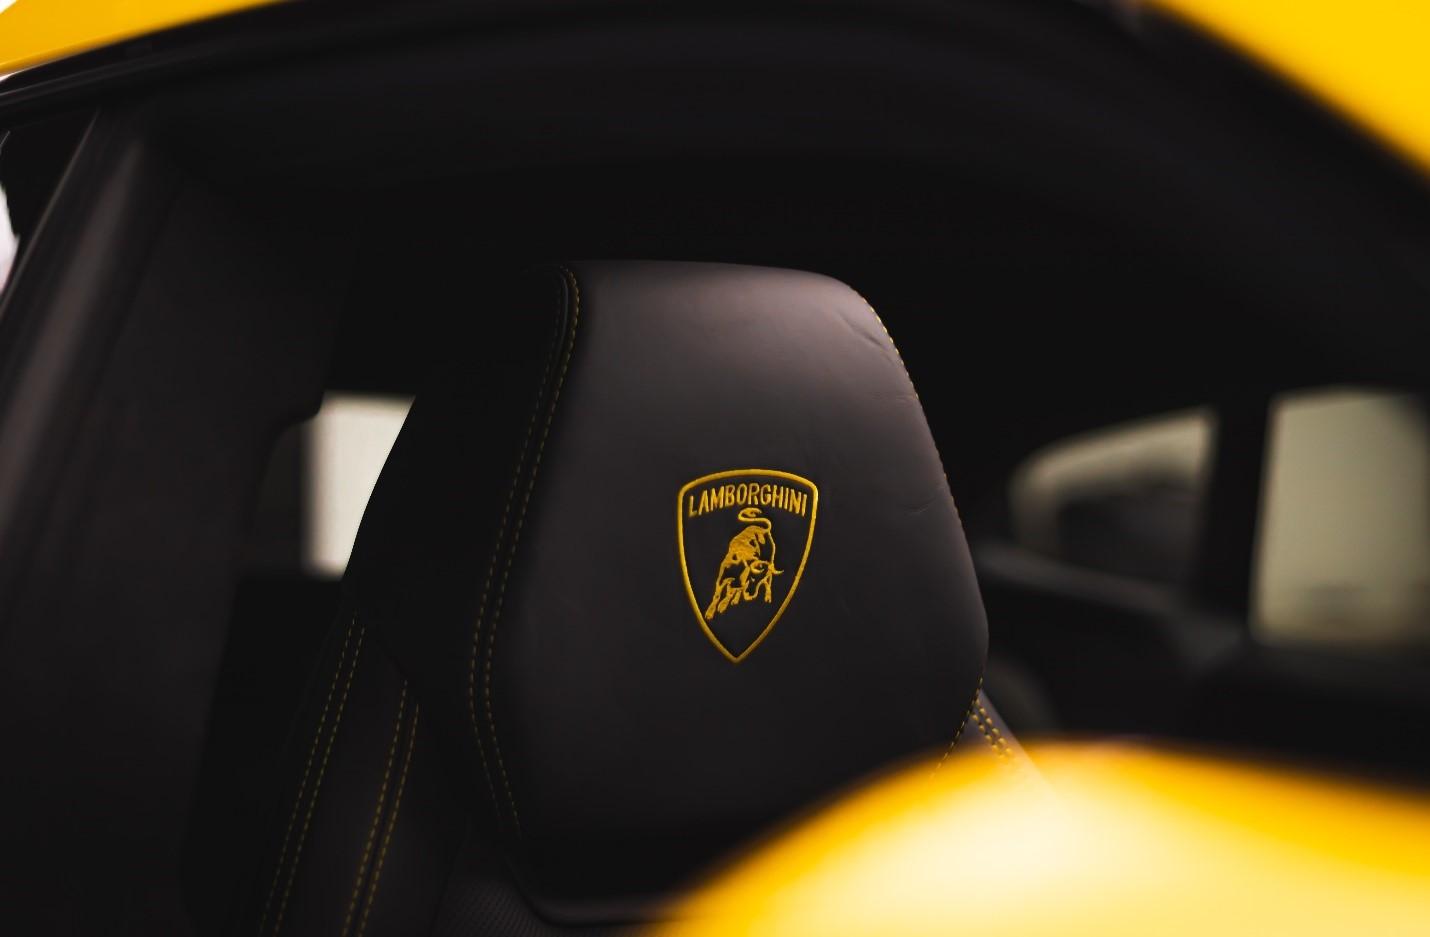 Lamborghini logo on a black car seat